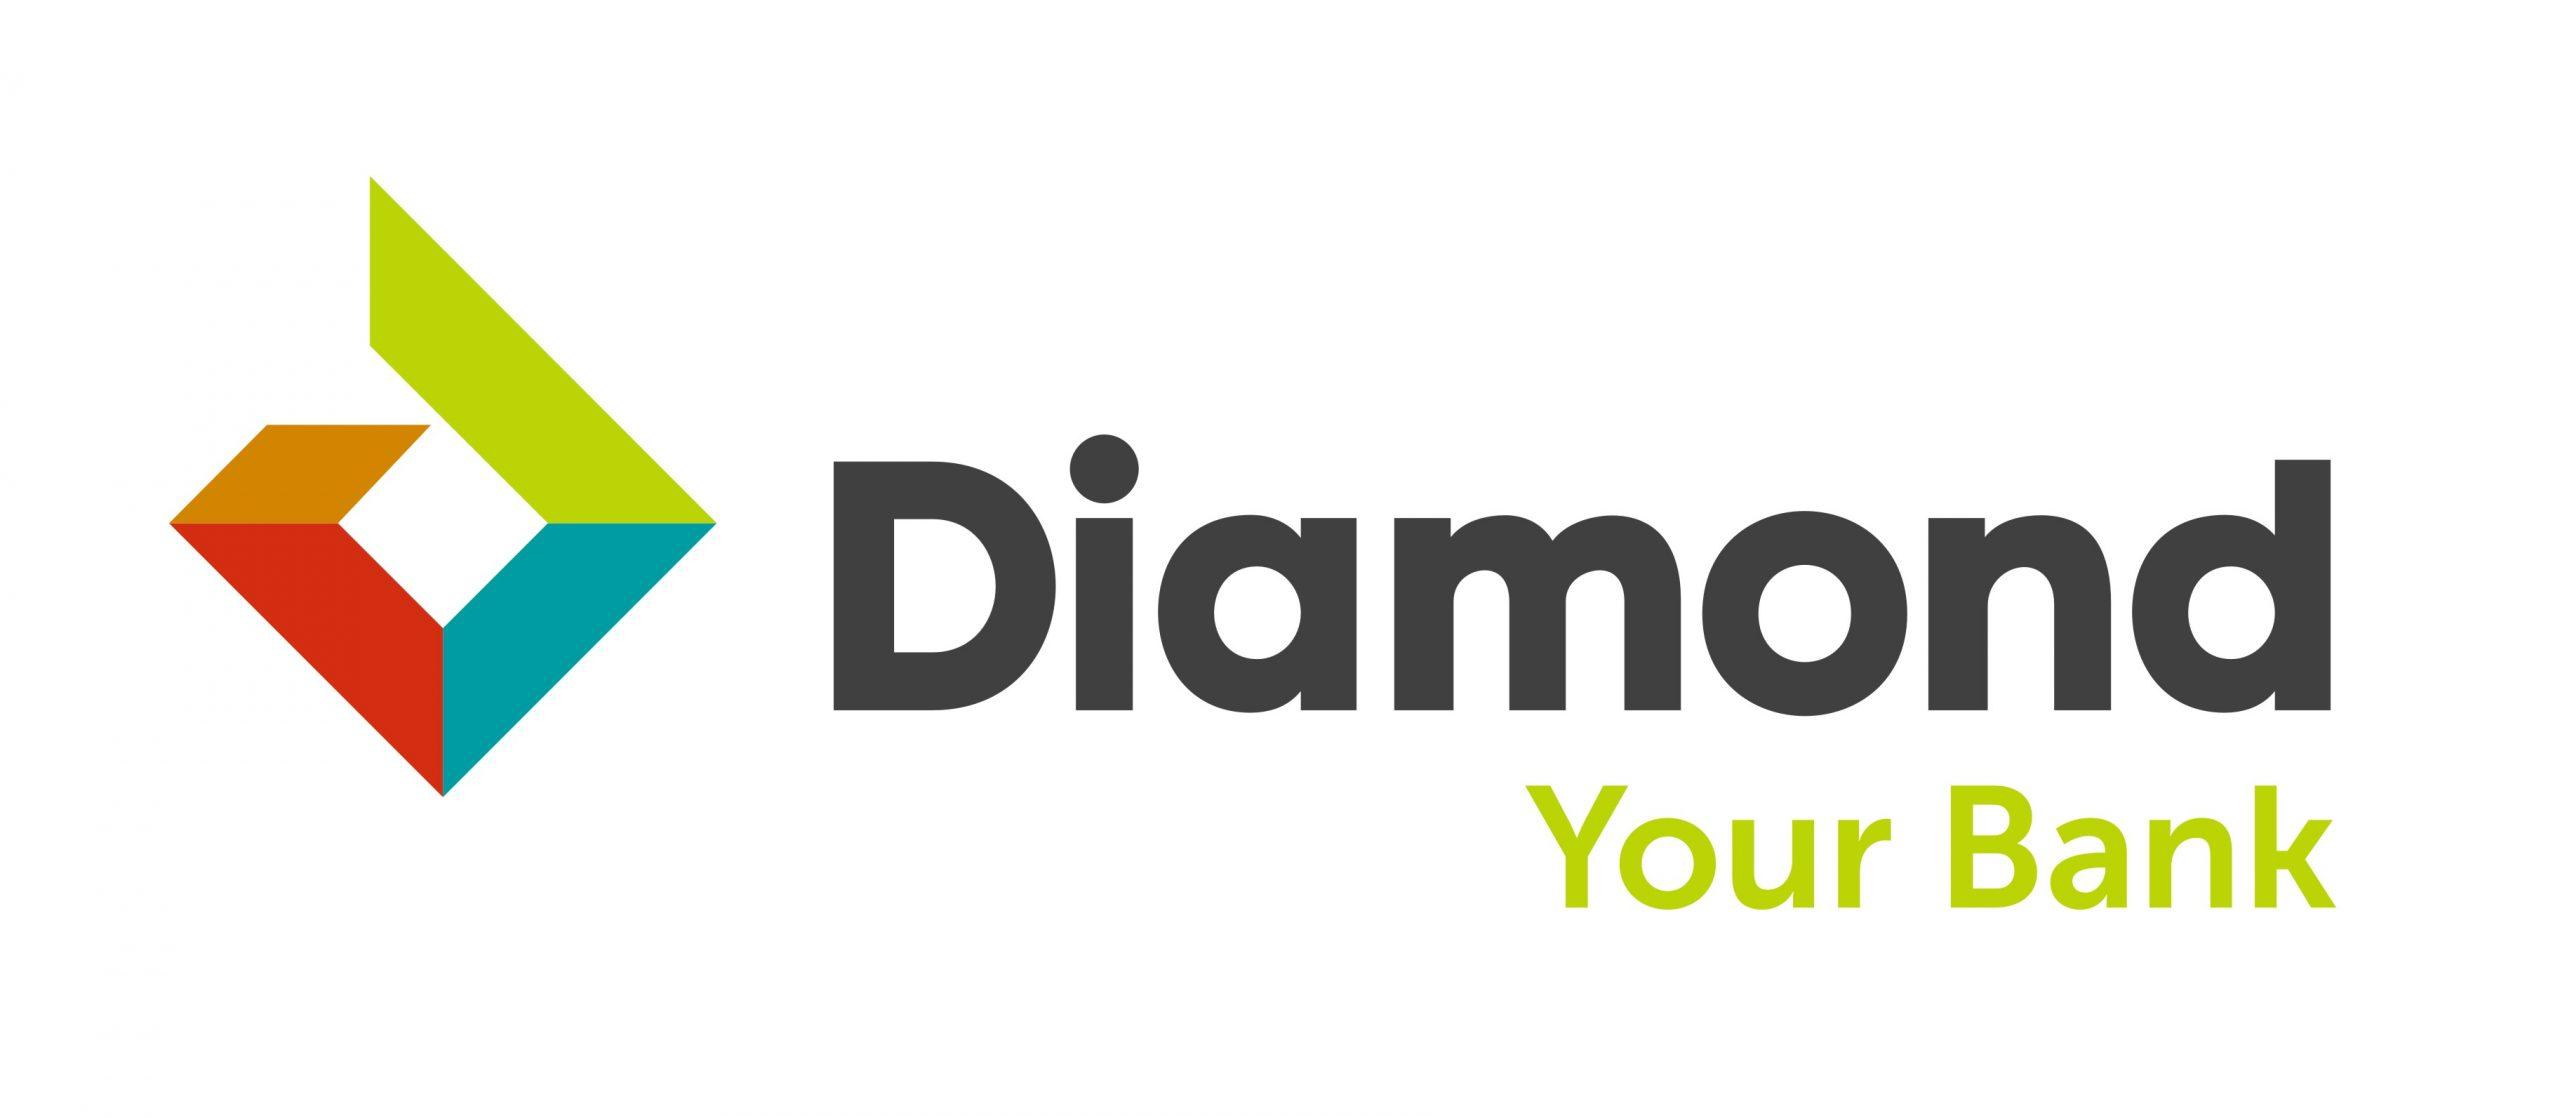 Diamond Bank Plc Recruitment Portal 2021 www.diamond.bank.com